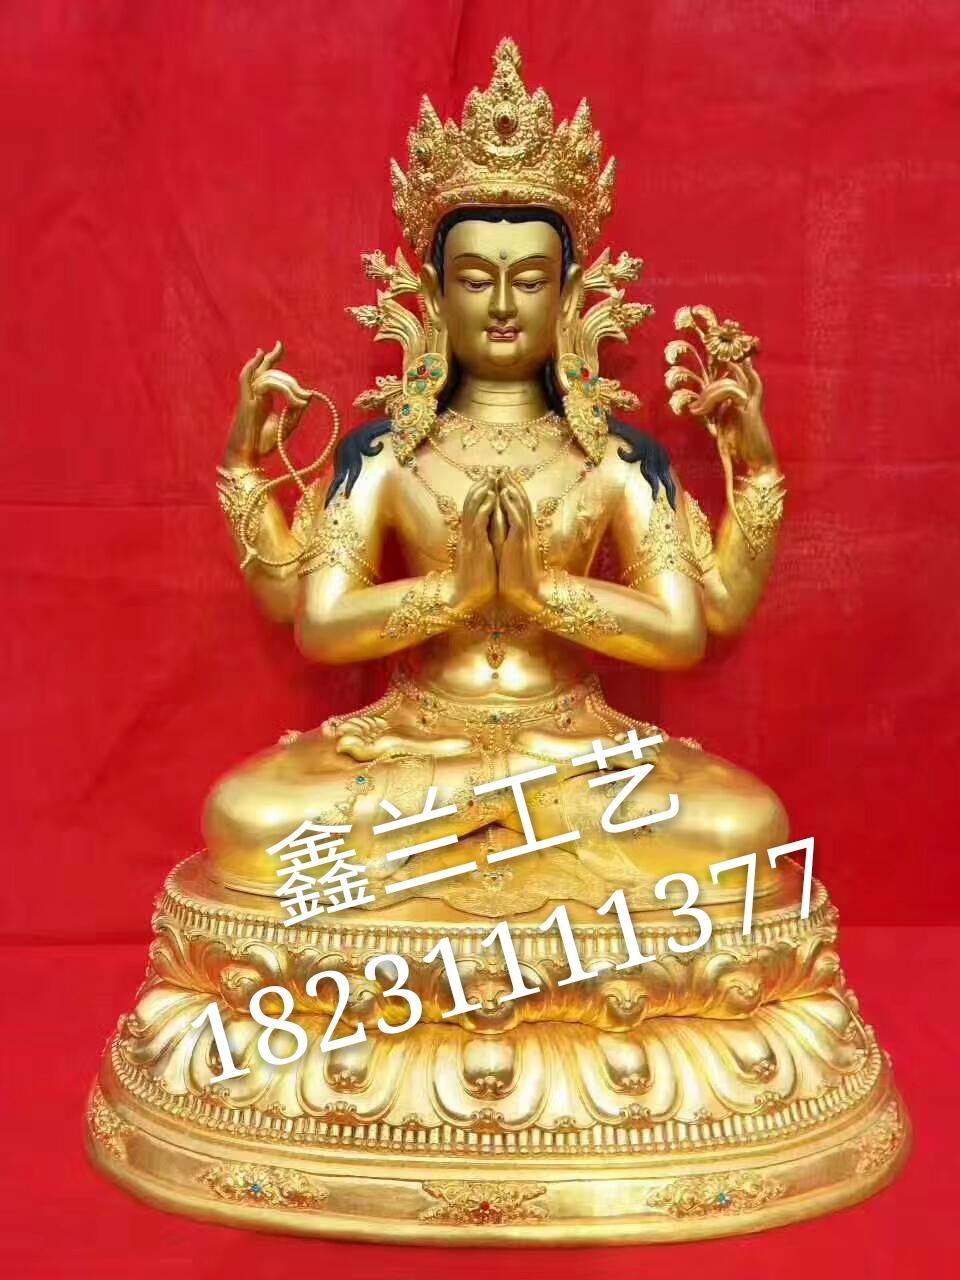 单面双臂观世音菩萨像 铜像-菩萨鎏金铜像  藏族白度母鎏金铜像